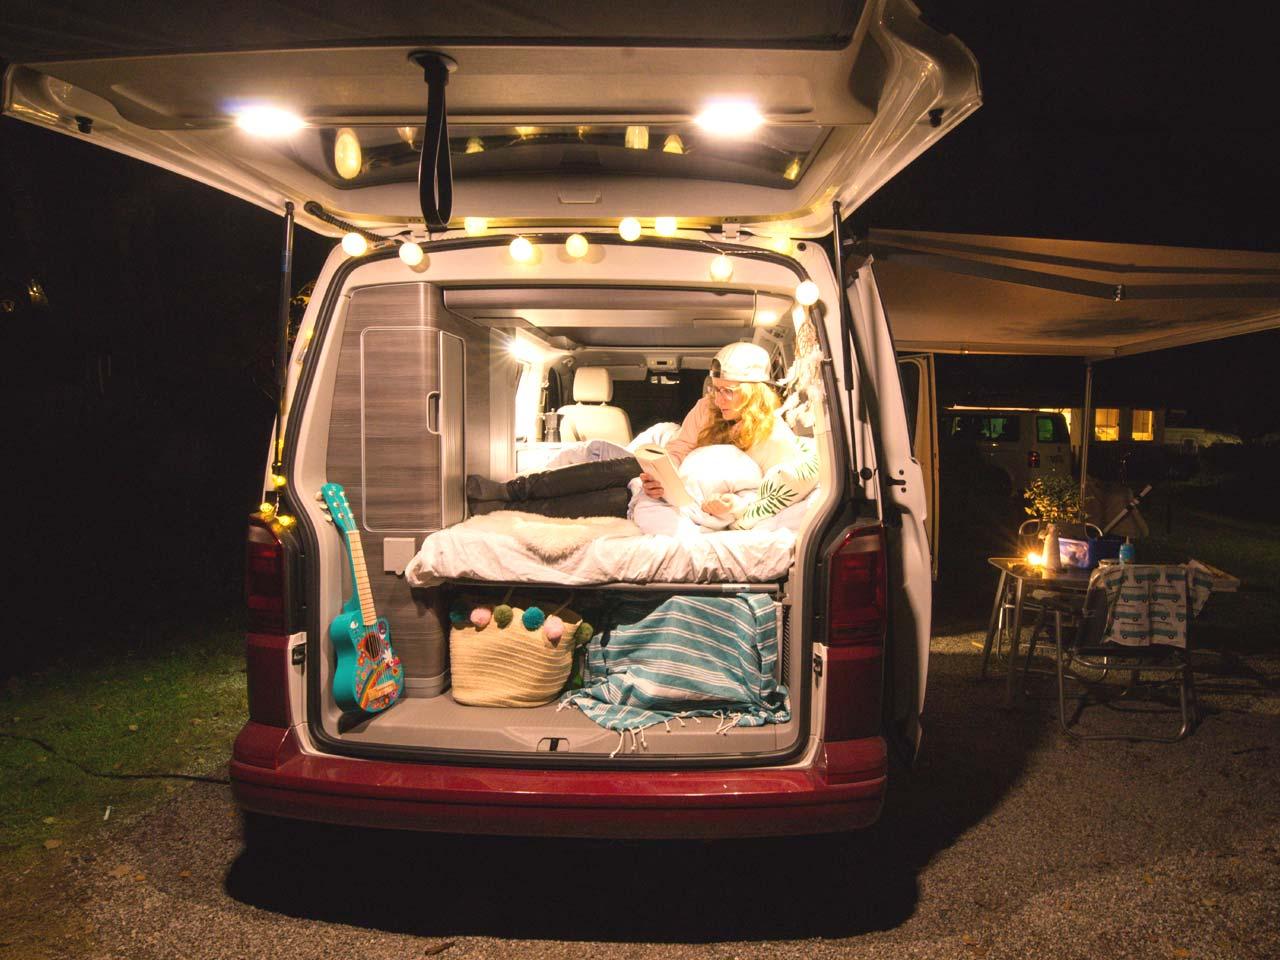 Camping mit Kind: Immer wieder ein Highlight: Schlafen im Bulli (Bild: Lea Wacker)